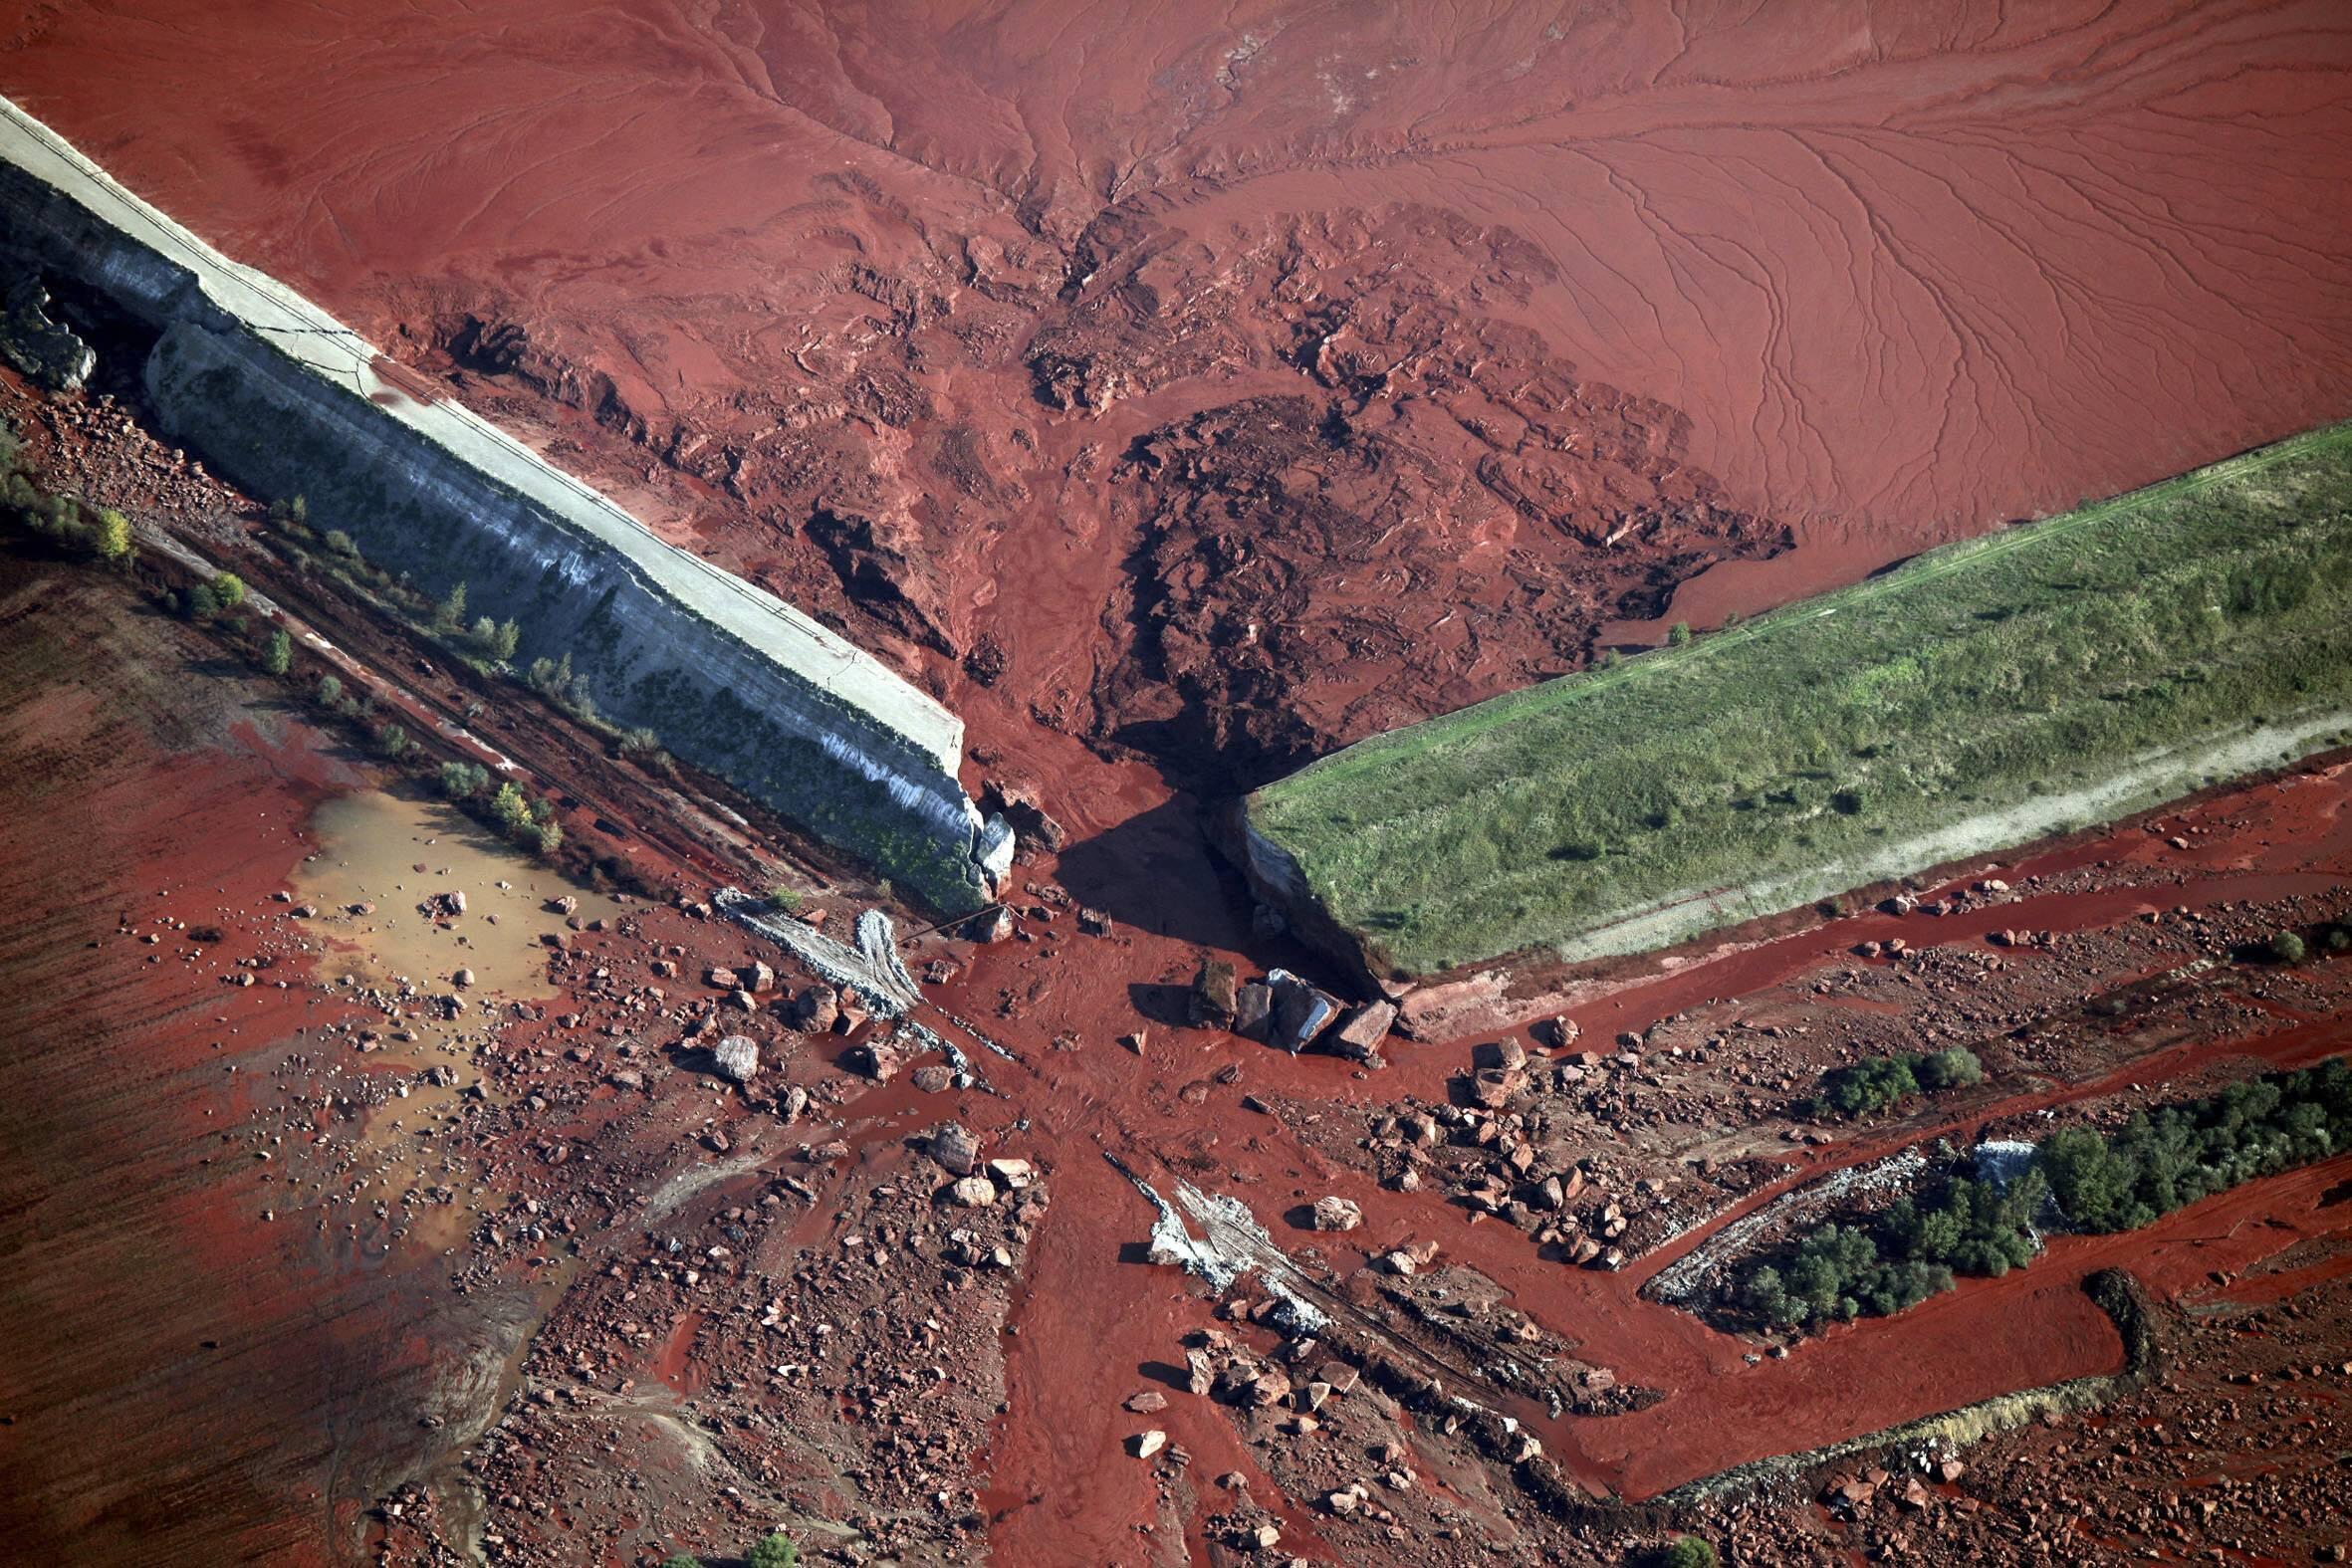 Hungary đã từng gặp tai nạn vỡ đê hồ chứa bùn đỏ vào năm 2010.